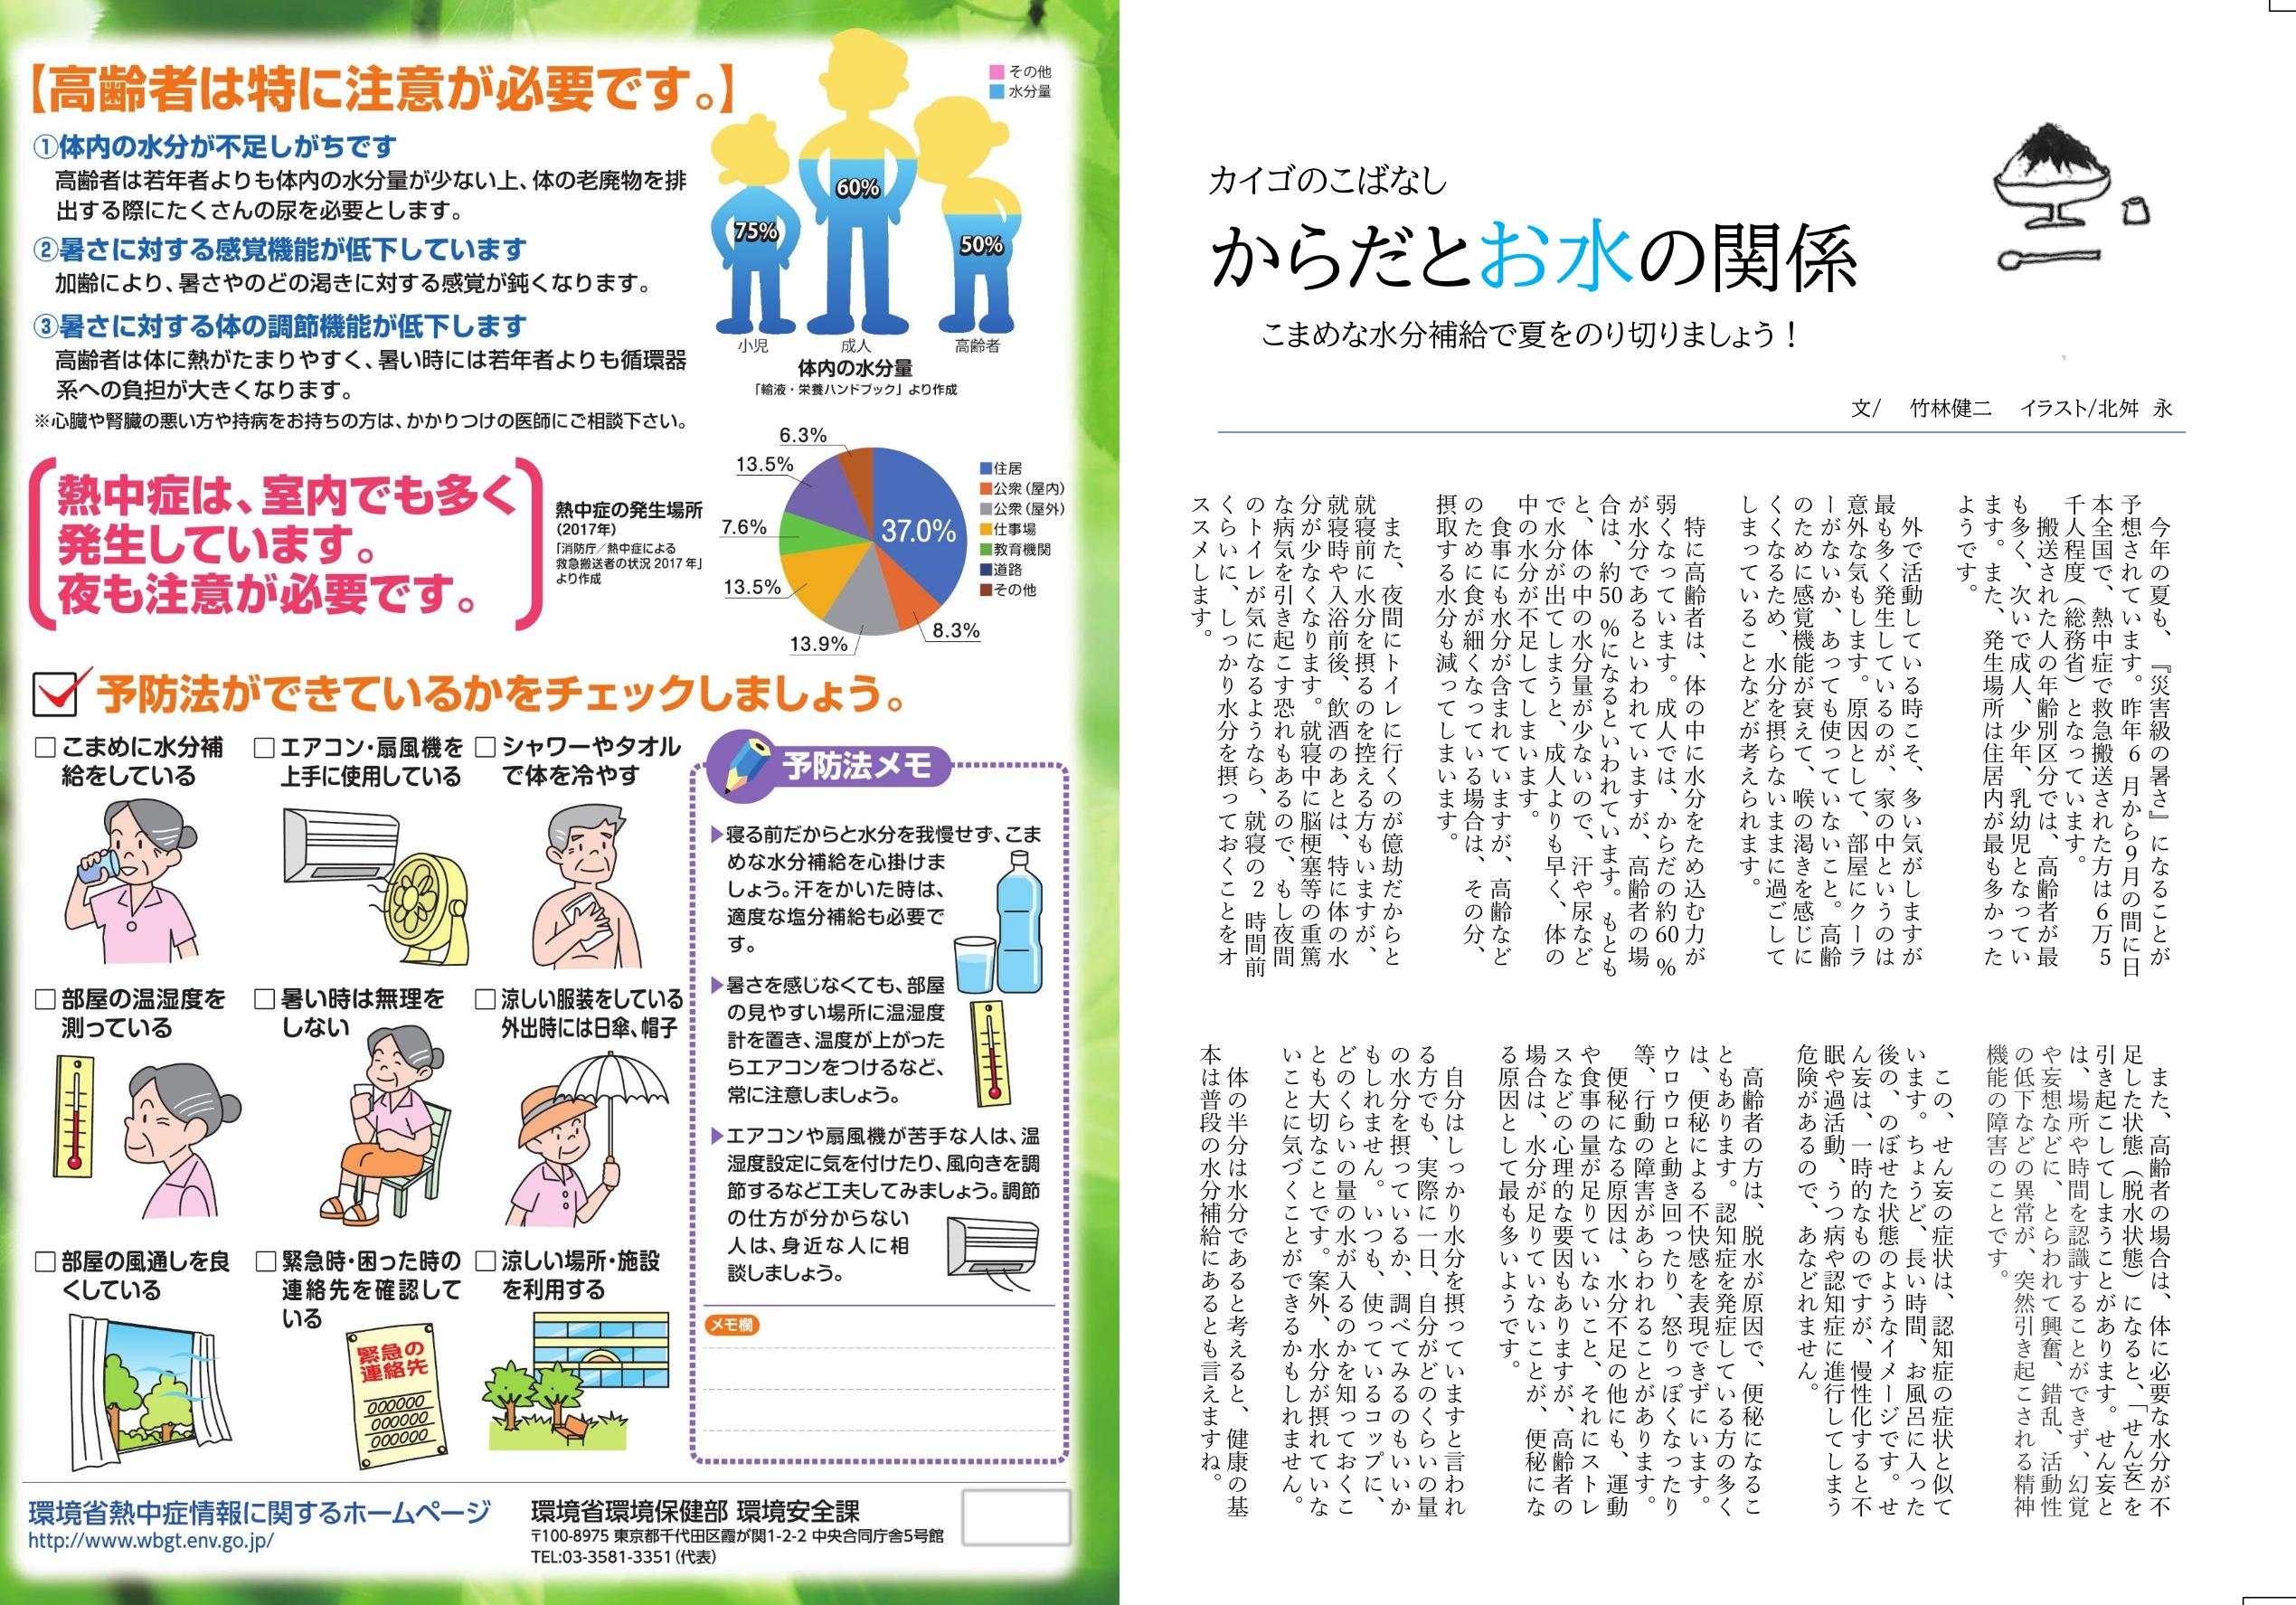 http://fukufukunokai.com/newsletter/images/7%E6%9C%88%E5%8F%B72_cropped_2.jpeg